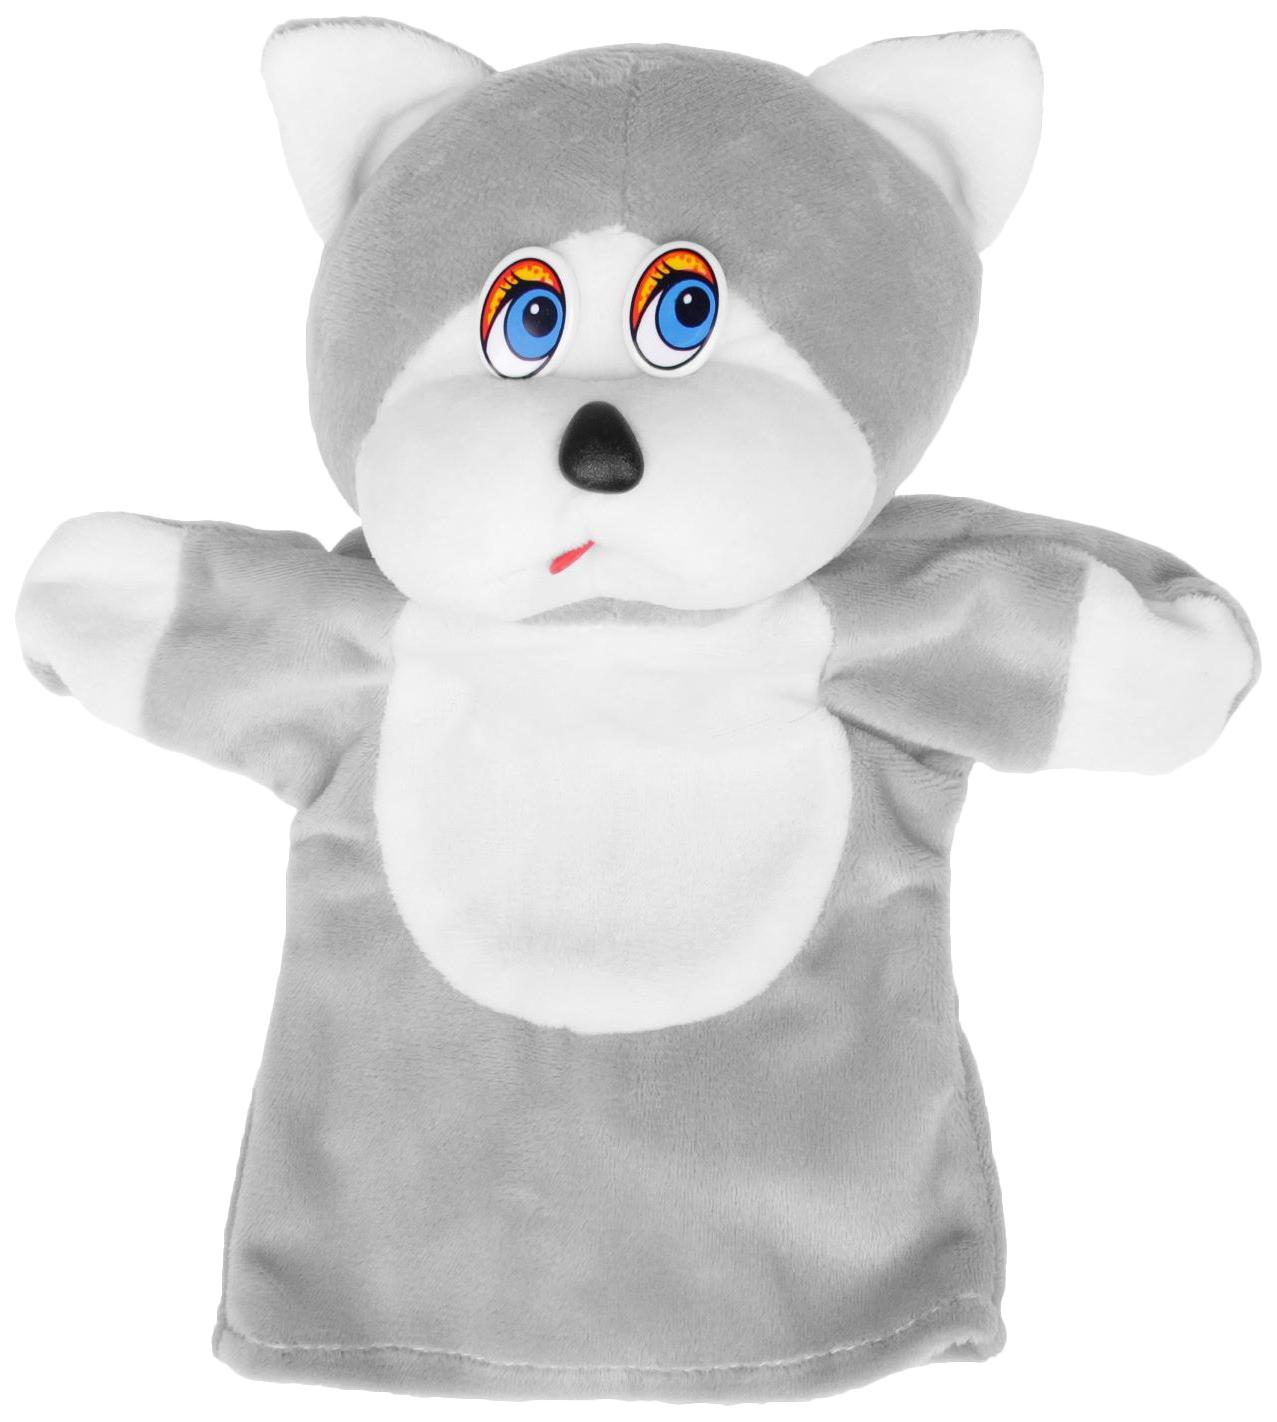 Кукла для кукольного театра Котенок, 30